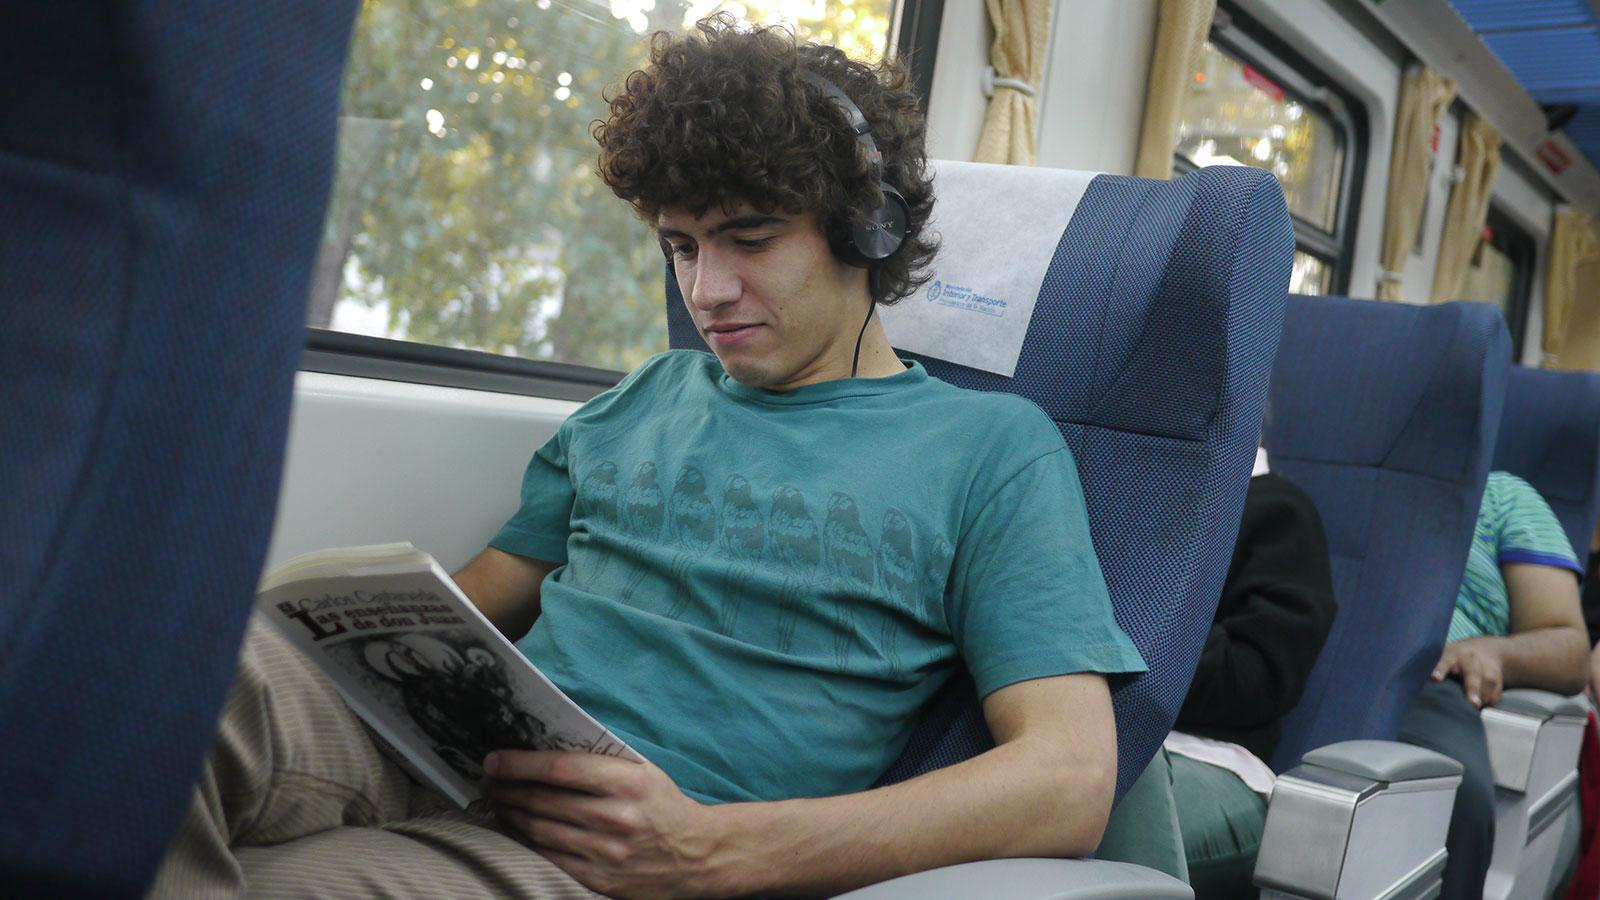 6 horas y media de viaje son la mejor excusa para un buen libro